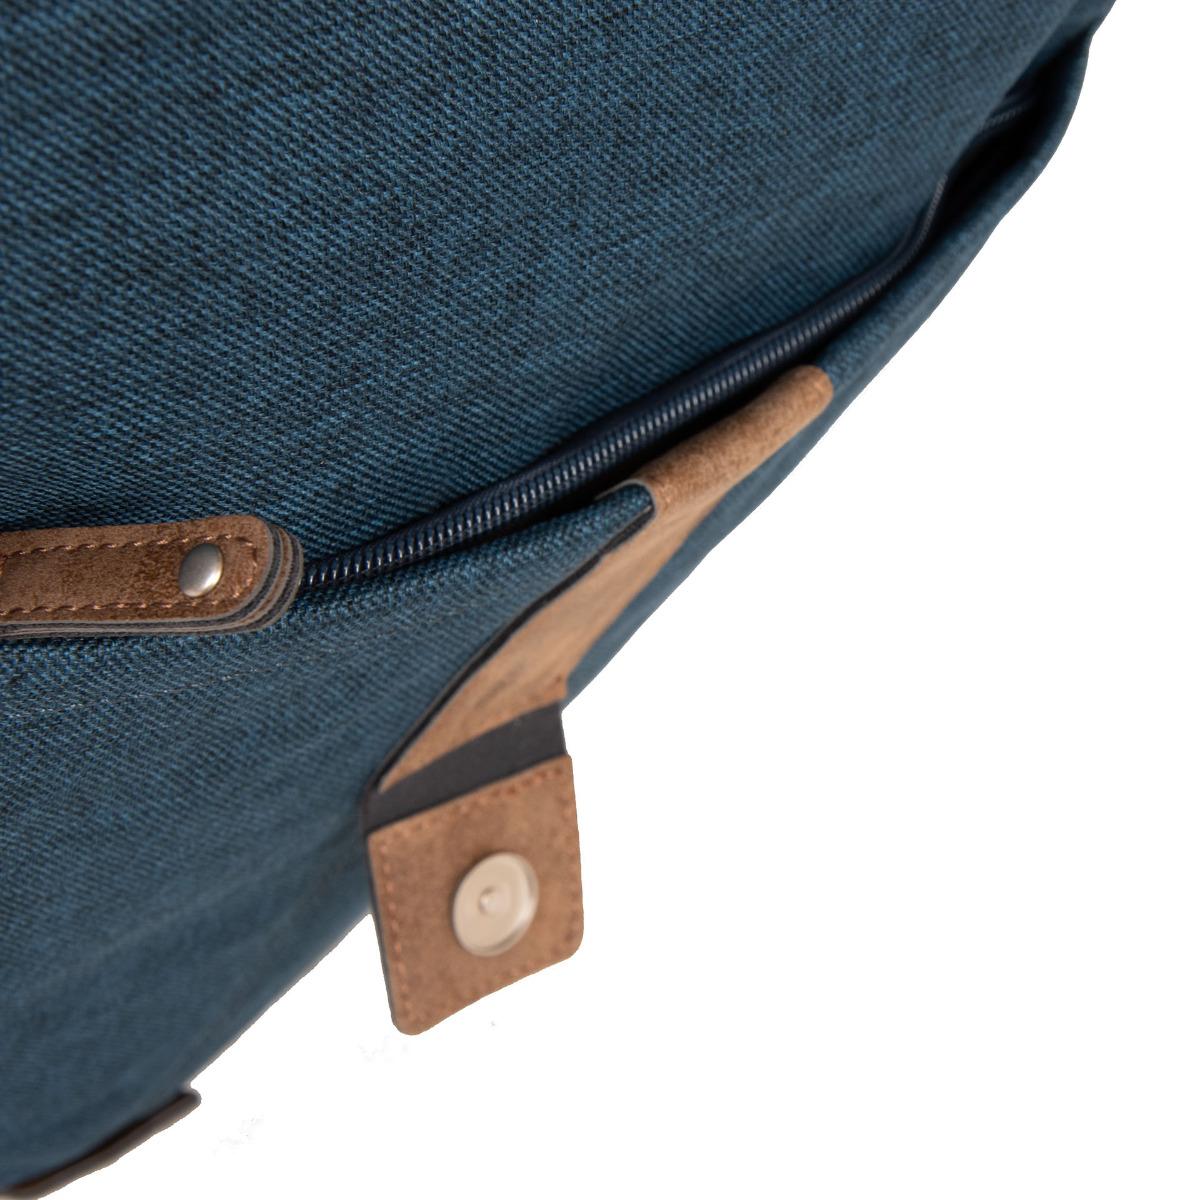 Zwei Olli O14 Blue Či už ste milovníkmi vintage kúskov alebo si len neradi kazíte chrbát pri nosení ťažkých kabeliek, Zwei Olli O14 vás skrátka oslní!  - čalúnený chrbát - čalúnená priehradka vnútri batohu - vrecko na telefón - hlavná komora uzatvárateľná zipsom - klopa so zapínaním na magnet   Údržba: Čistiť vlhkou handričkou.